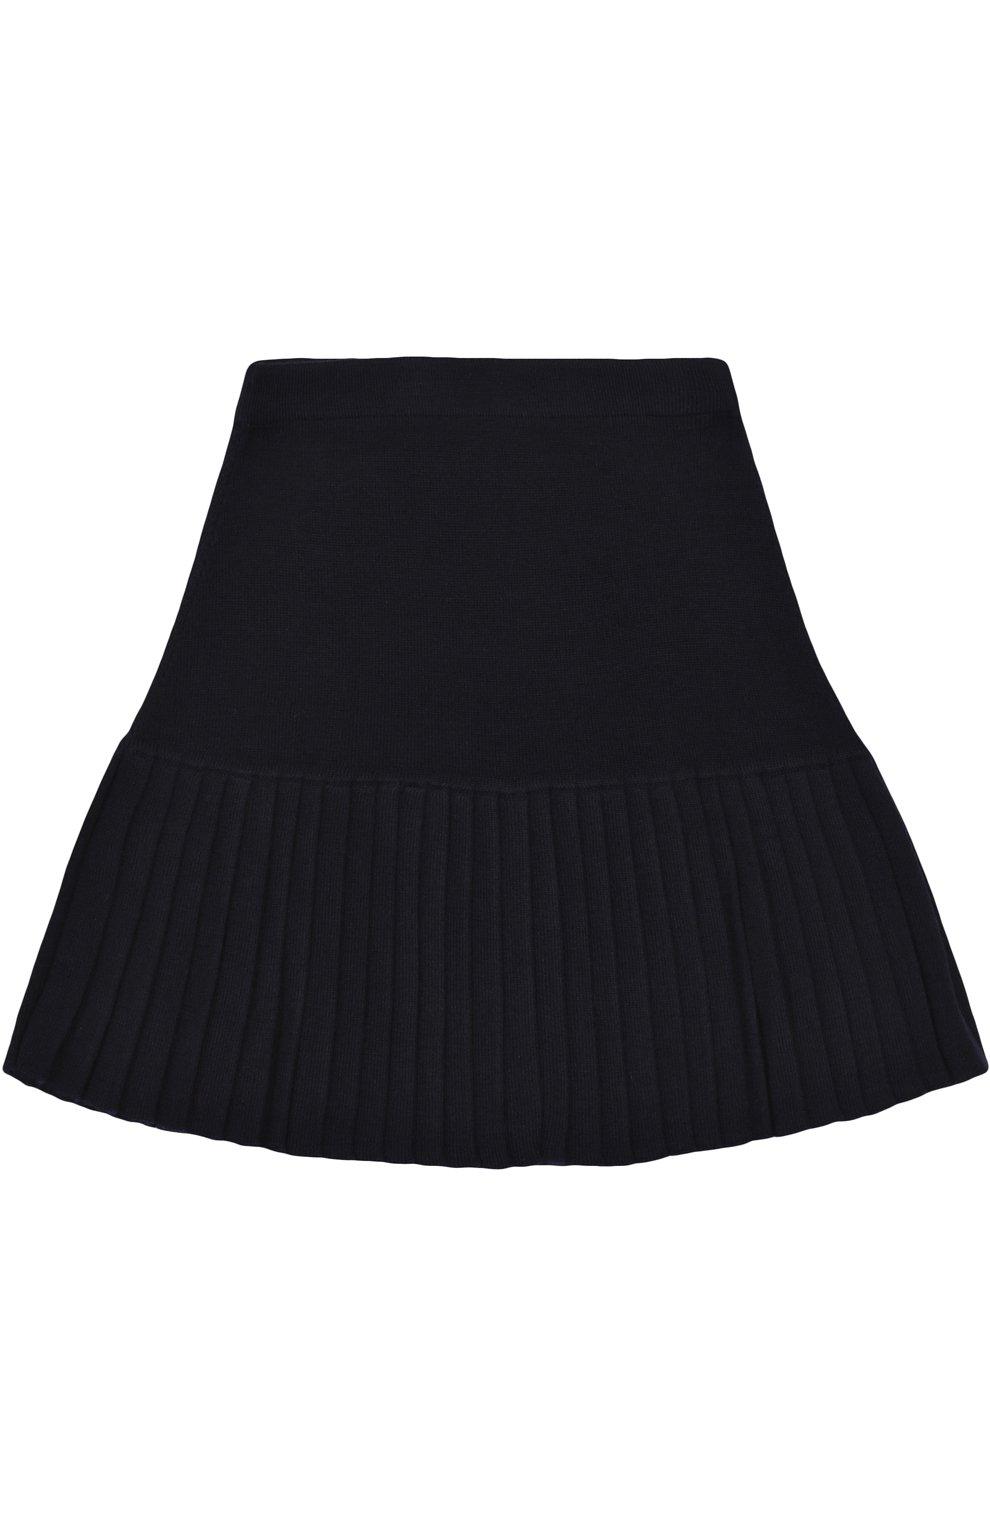 Мини-юбка с плиссированной вставкой и декоративными пуговицами | Фото №2